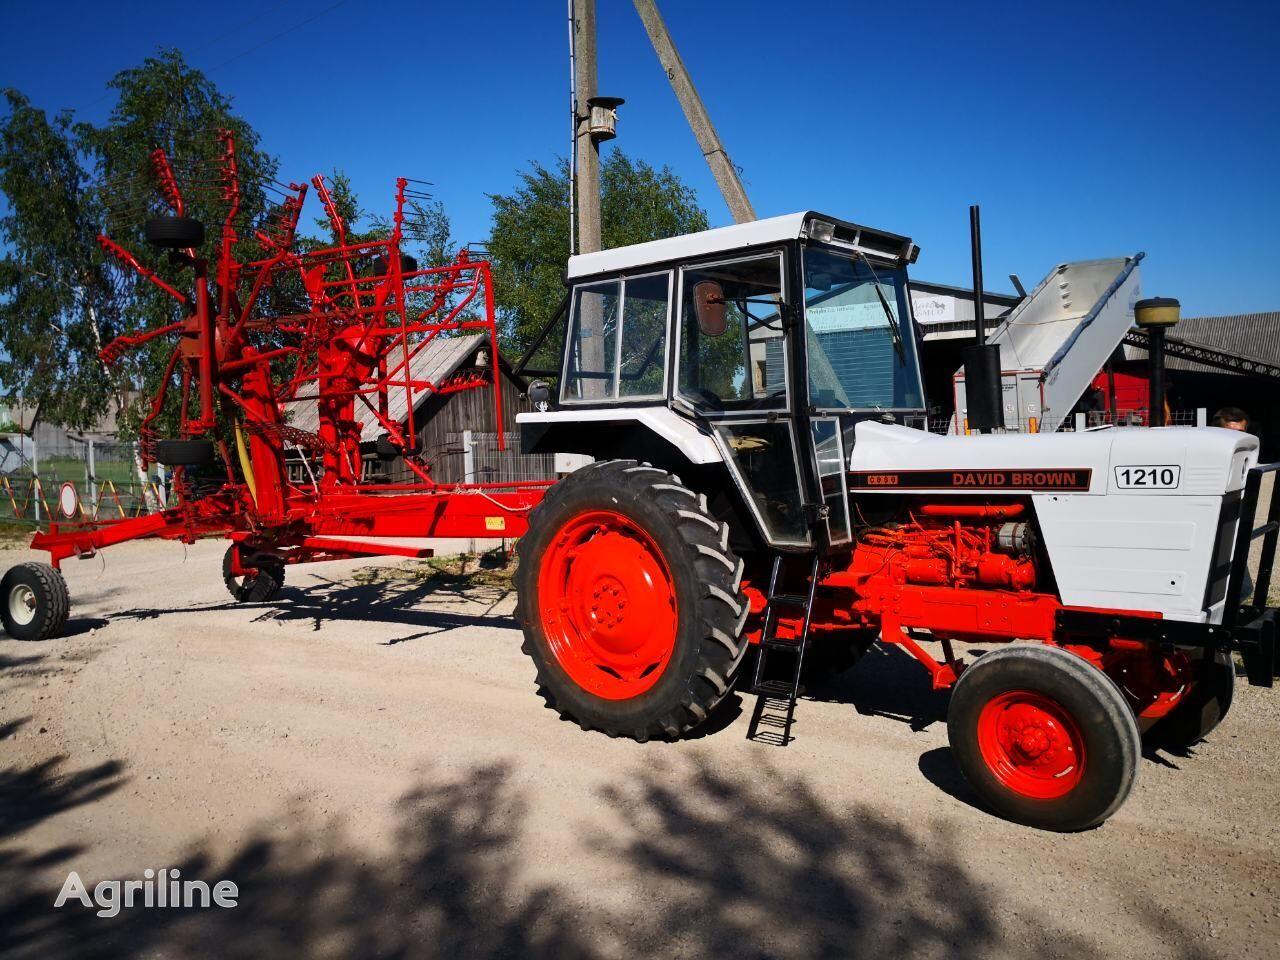 трактор колісний DAVID BROWN 1210